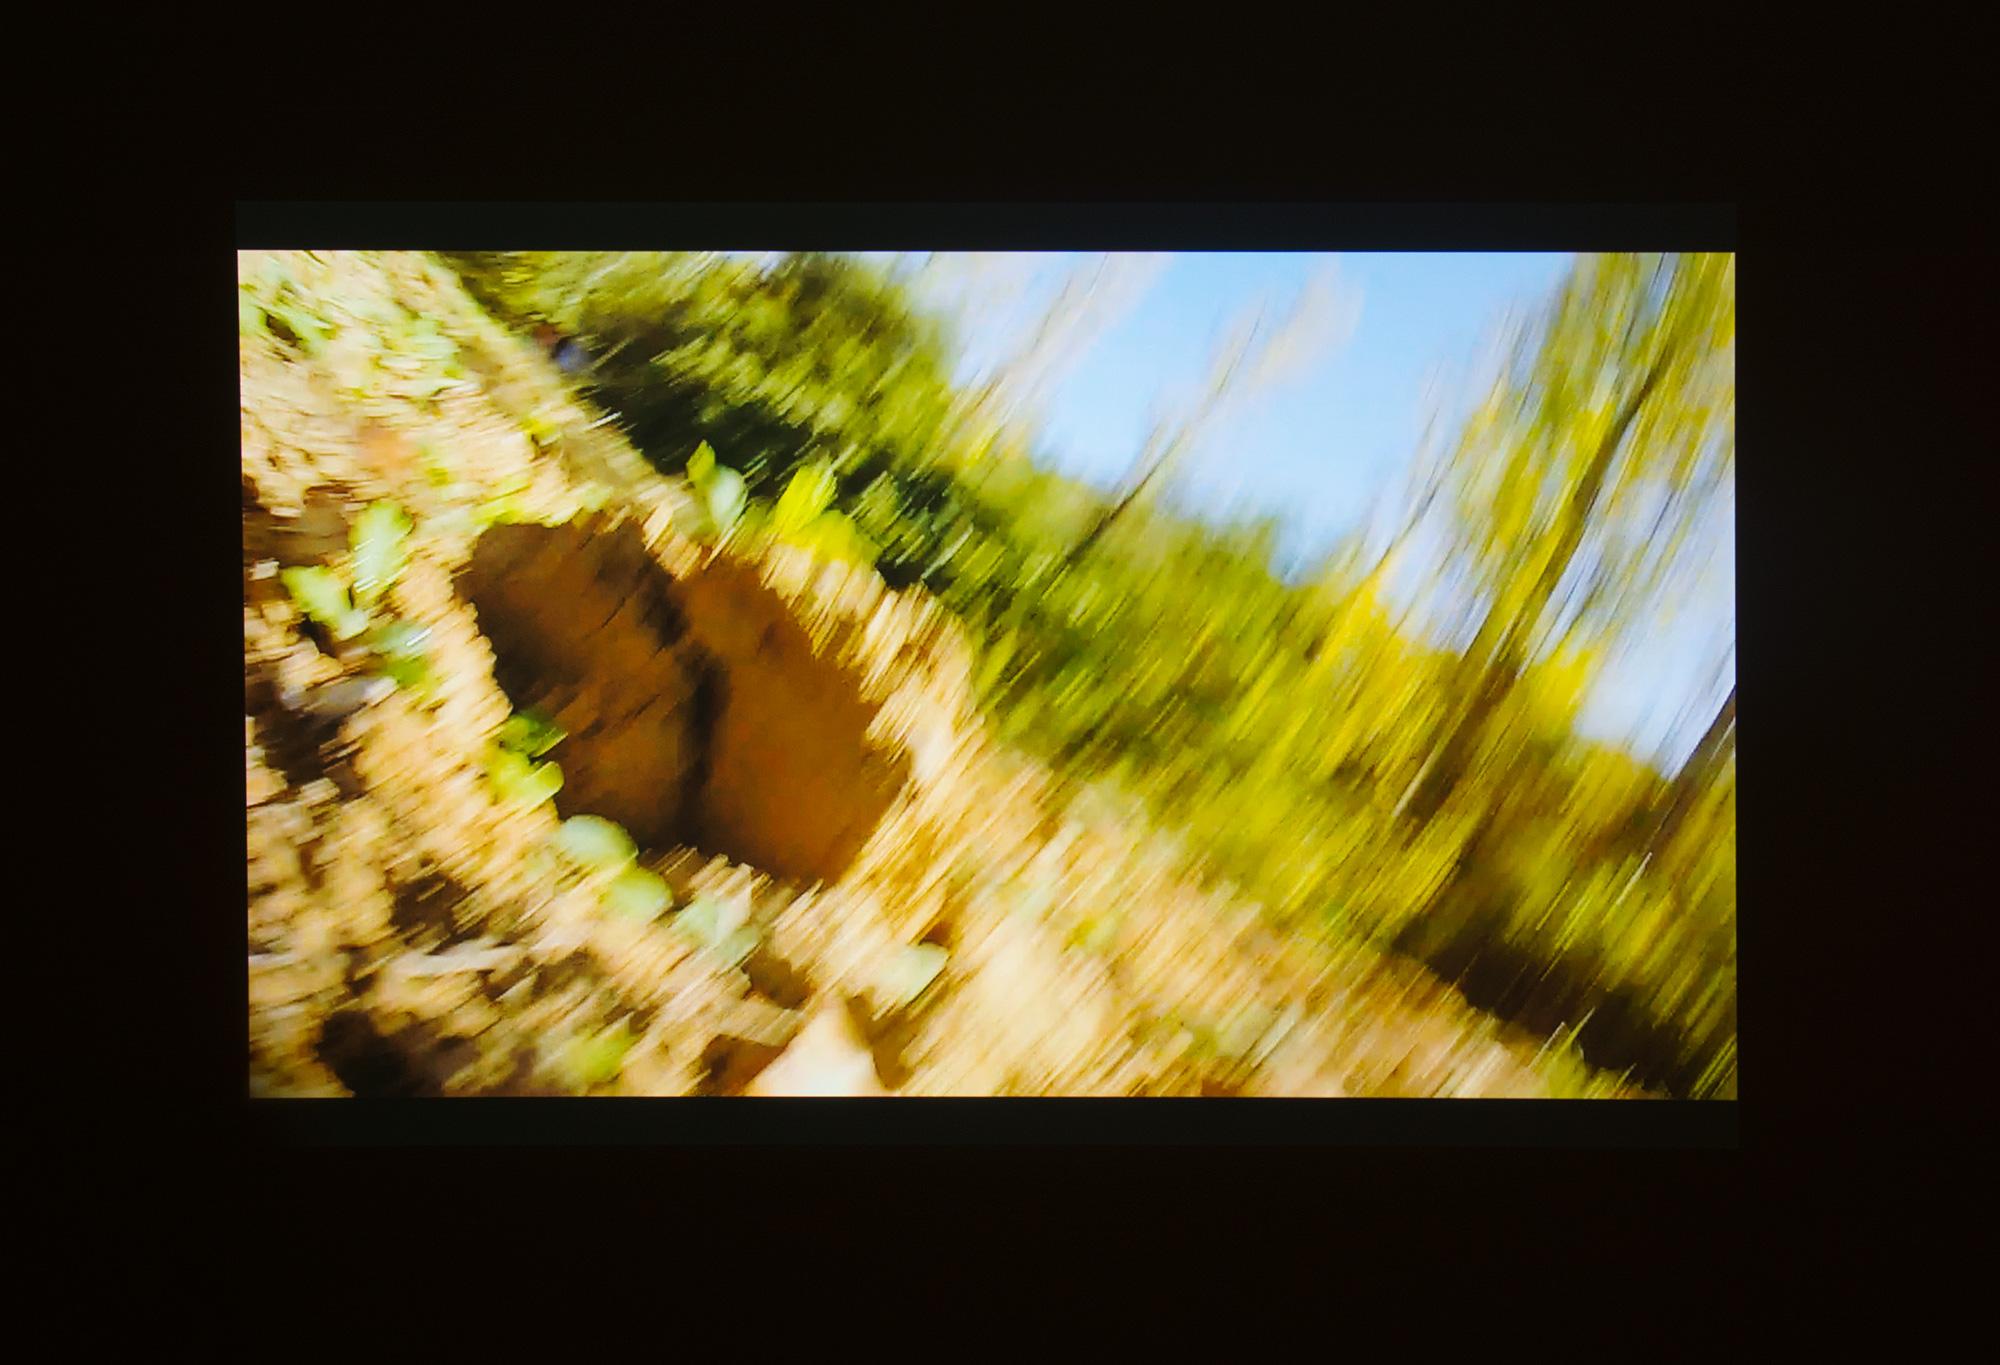 Jon Otamendi - La enorme manada